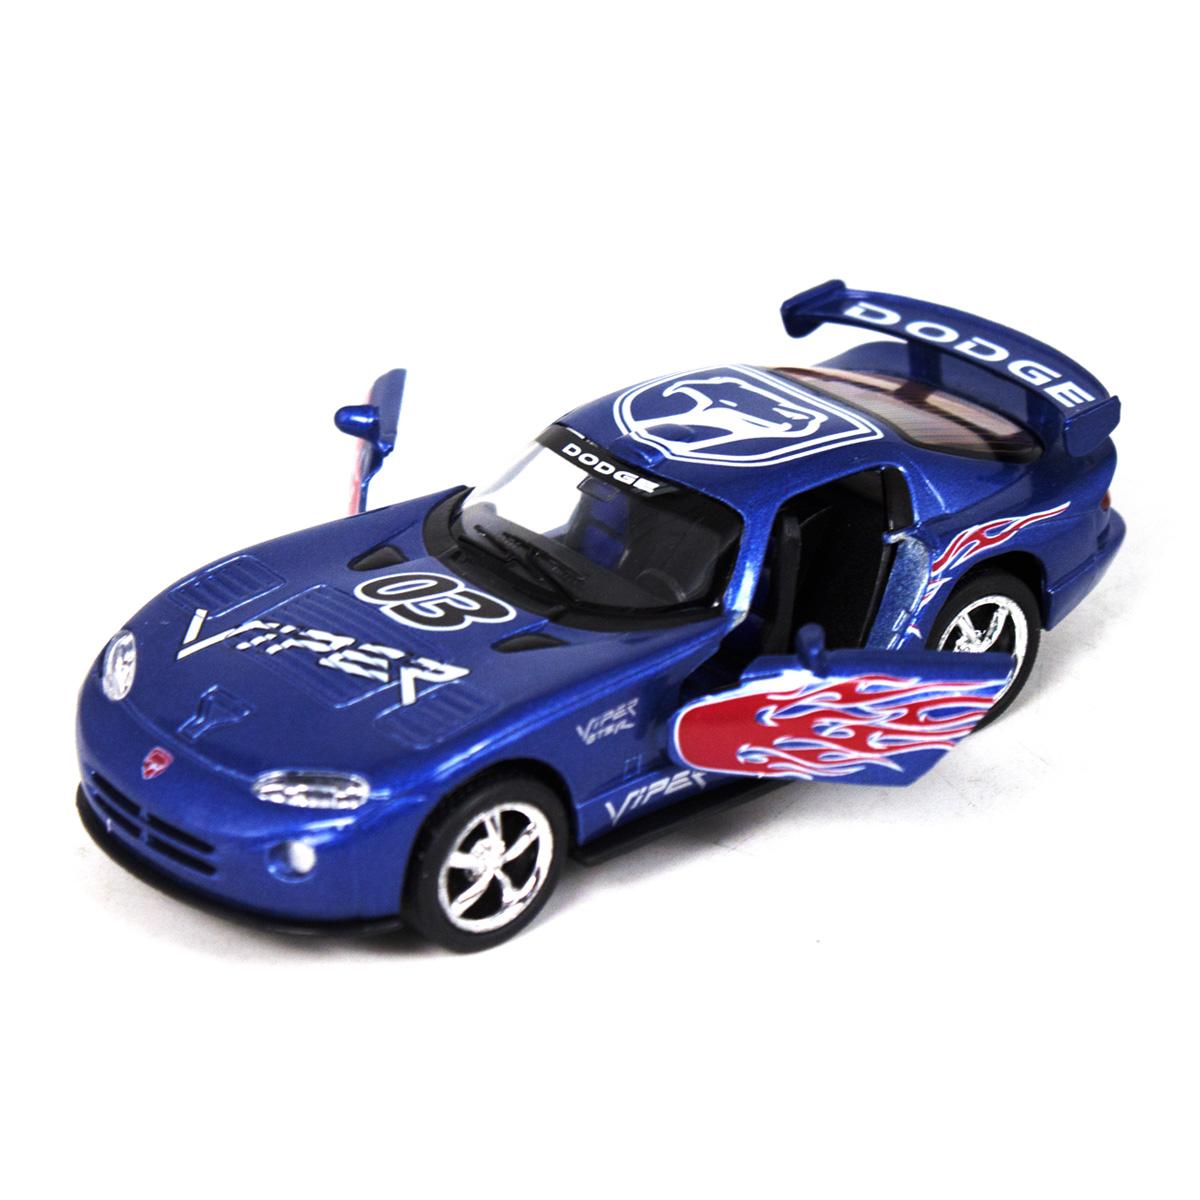 """Машинка KINSMART Dodge Viper GTSR (синяя) купить в магазине """"Пустун"""""""